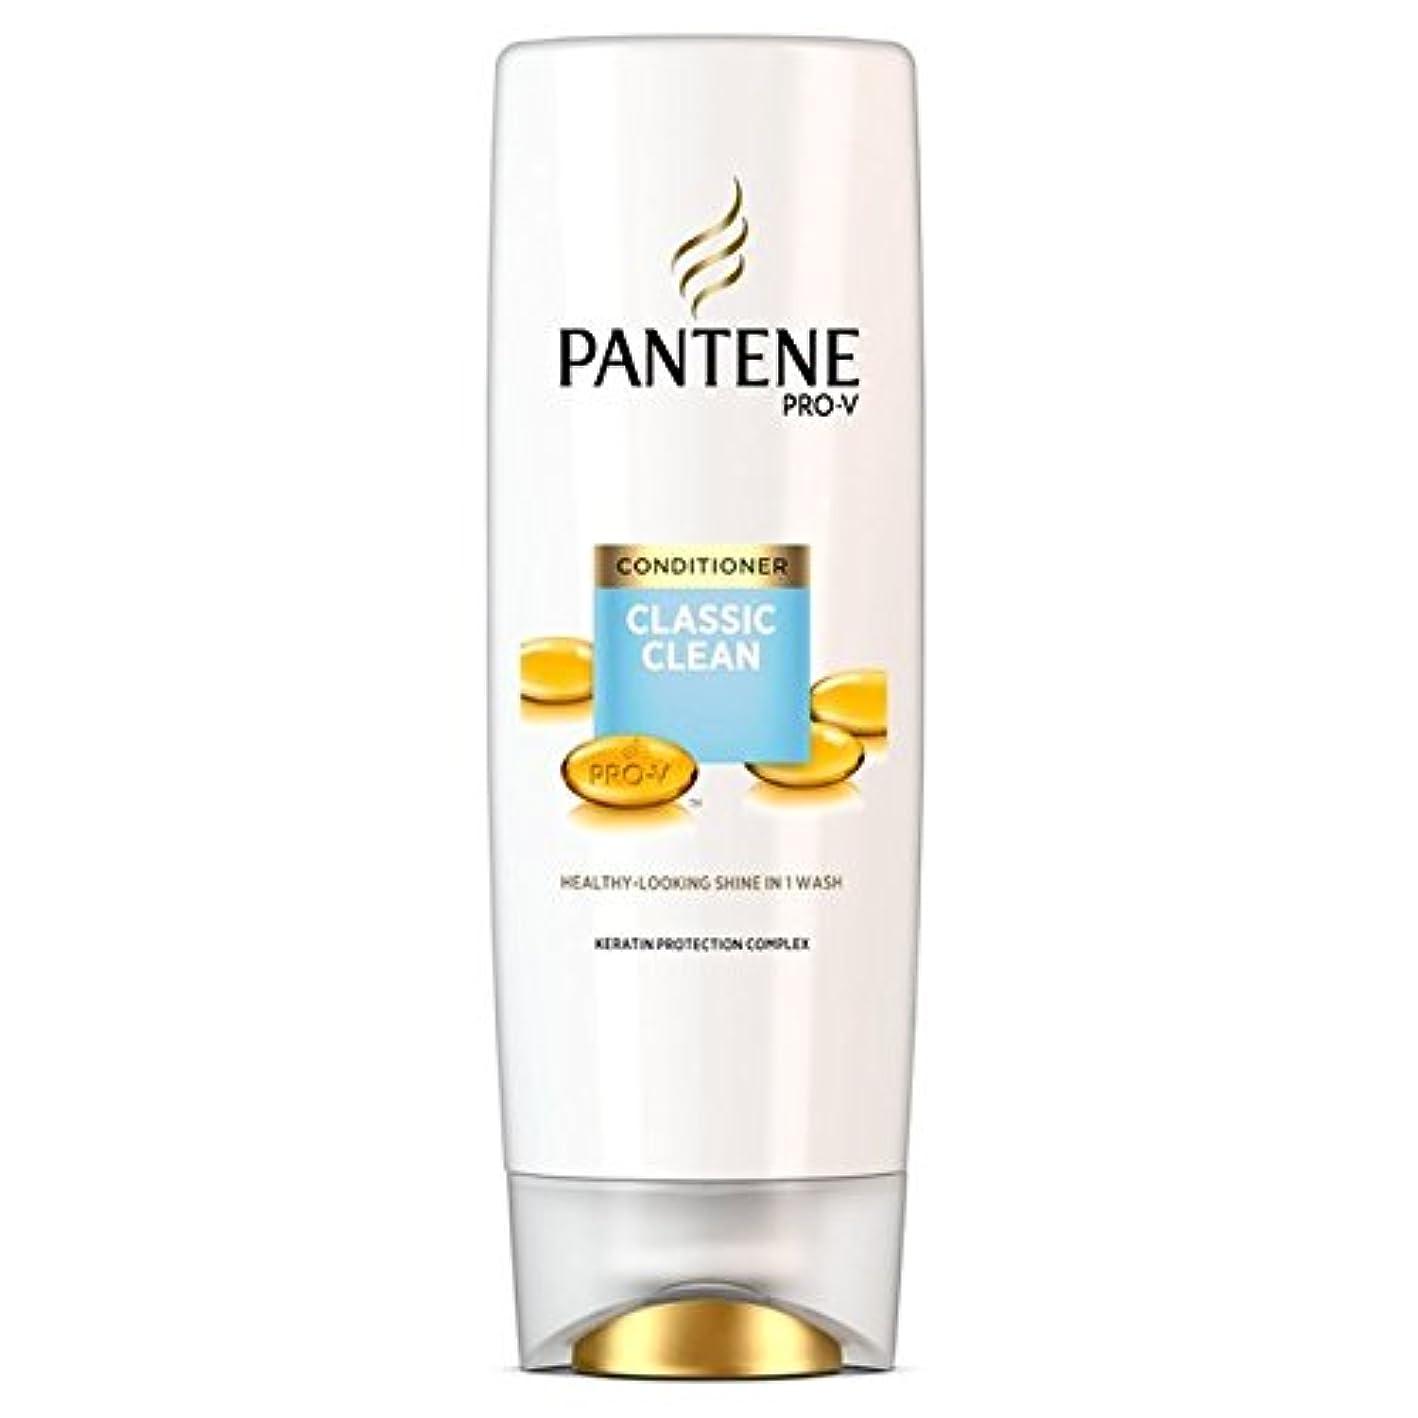 受取人不従順致死Pantene Classic Clean Conditioner 360ml (Pack of 6) - パンテーン古典的なクリーンコンディショナー360ミリリットル x6 [並行輸入品]